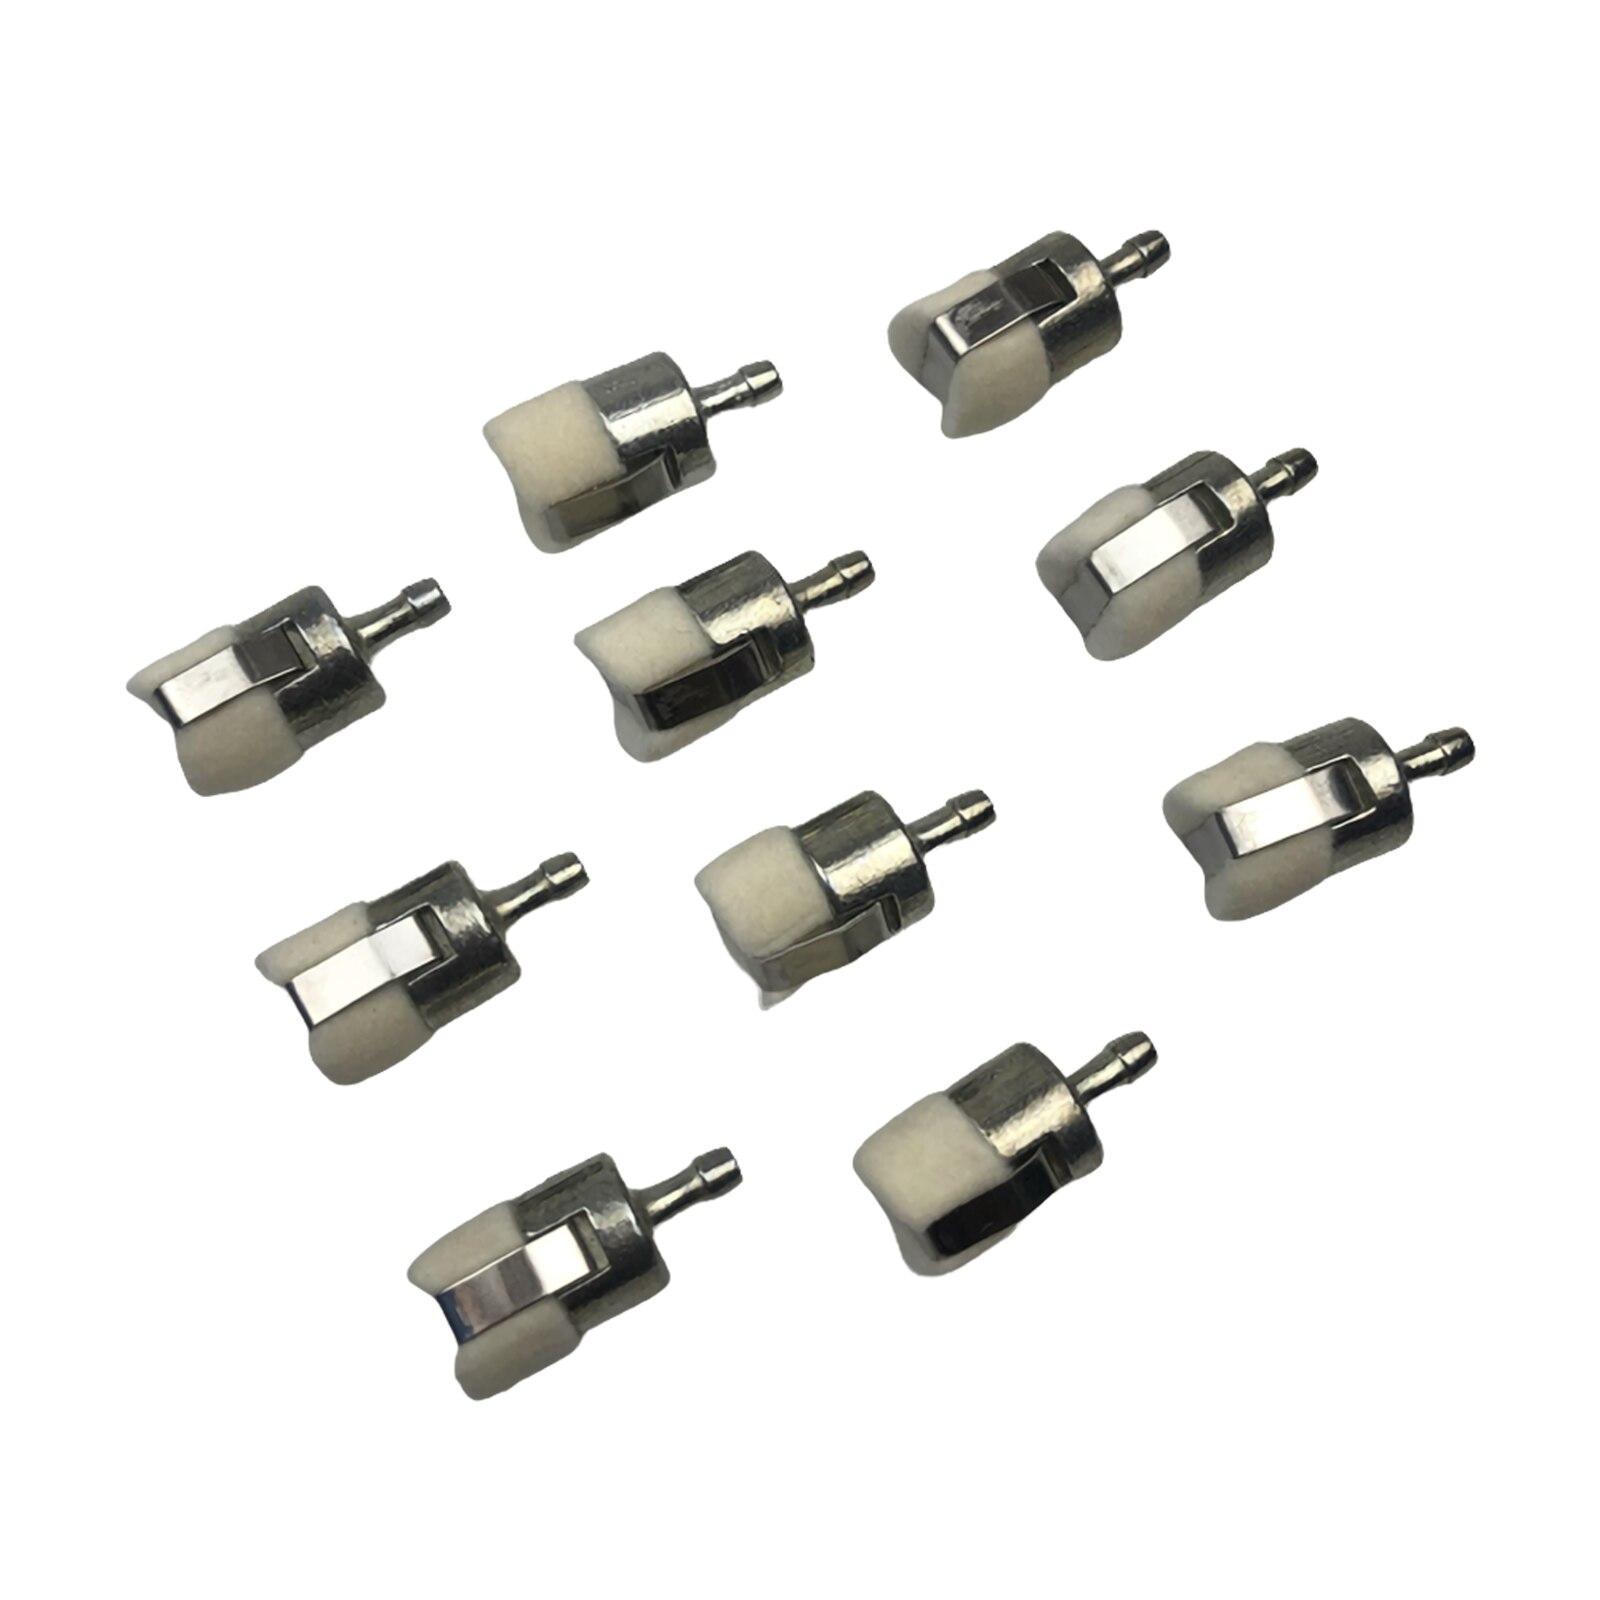 Топливные фильтры для бензопилы 13120507320, 10 шт.